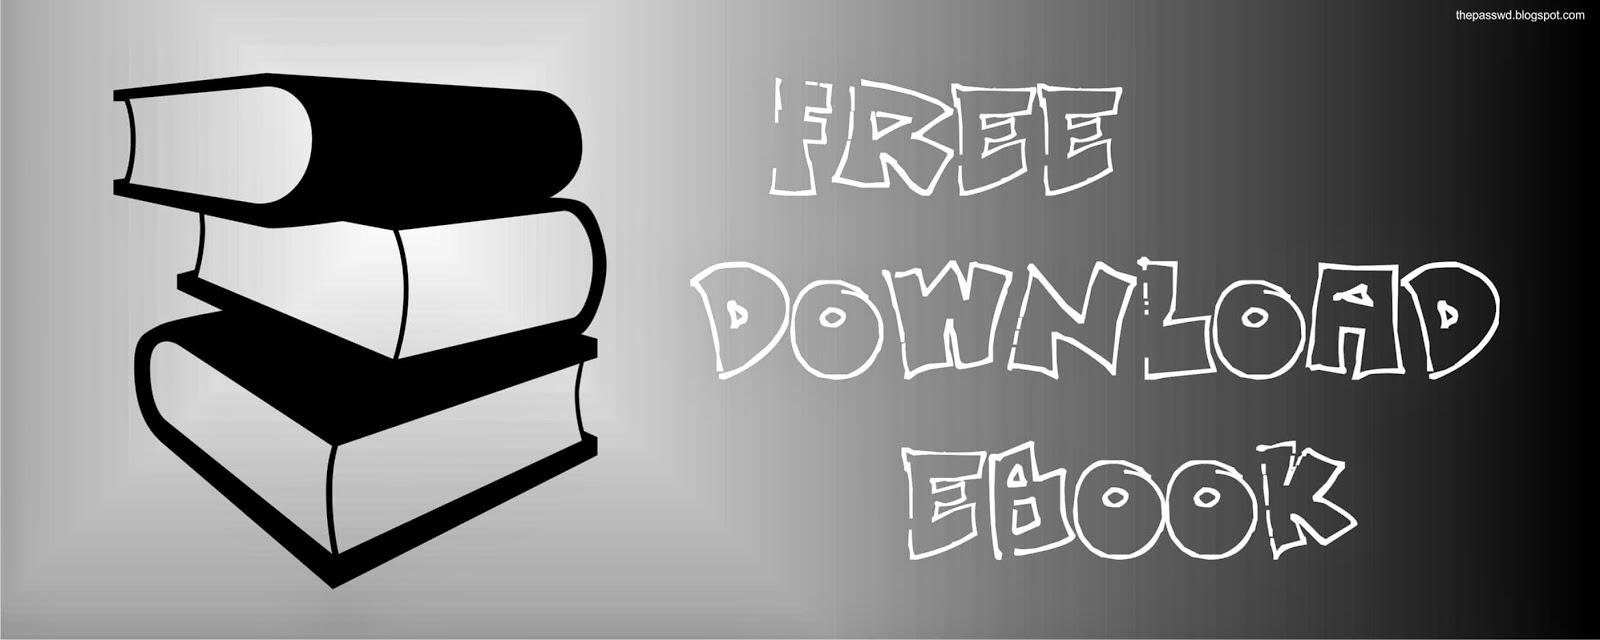 di halaman sebelumnya saya sudah membagikan ebook novel gratis